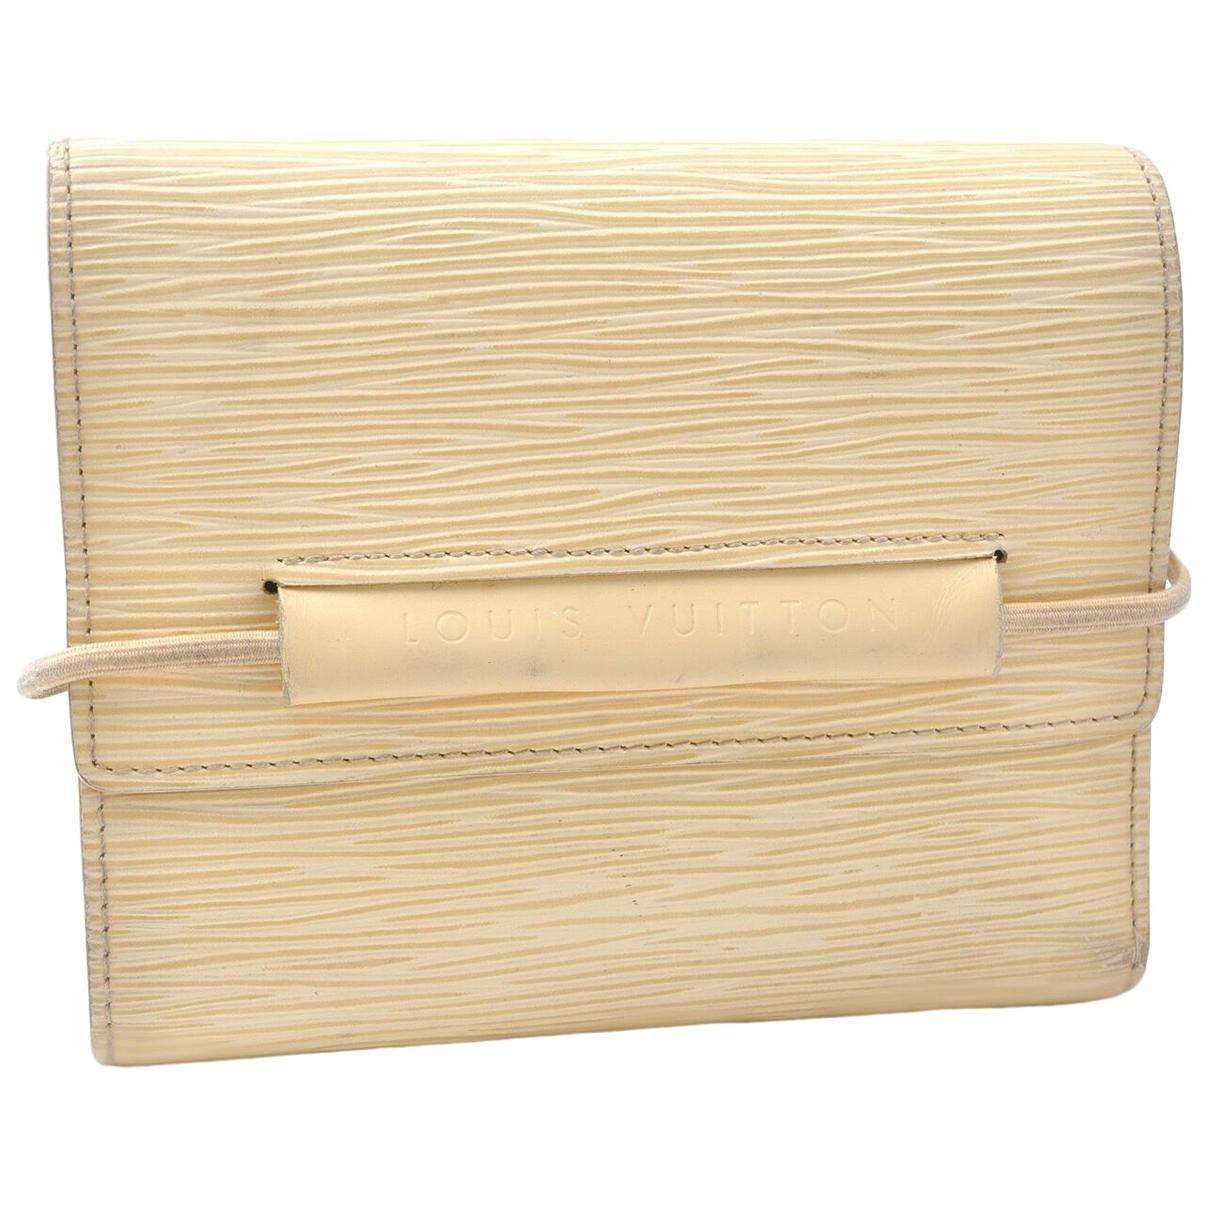 Louis Vuitton - Portefeuille   pour femme en cuir - camel